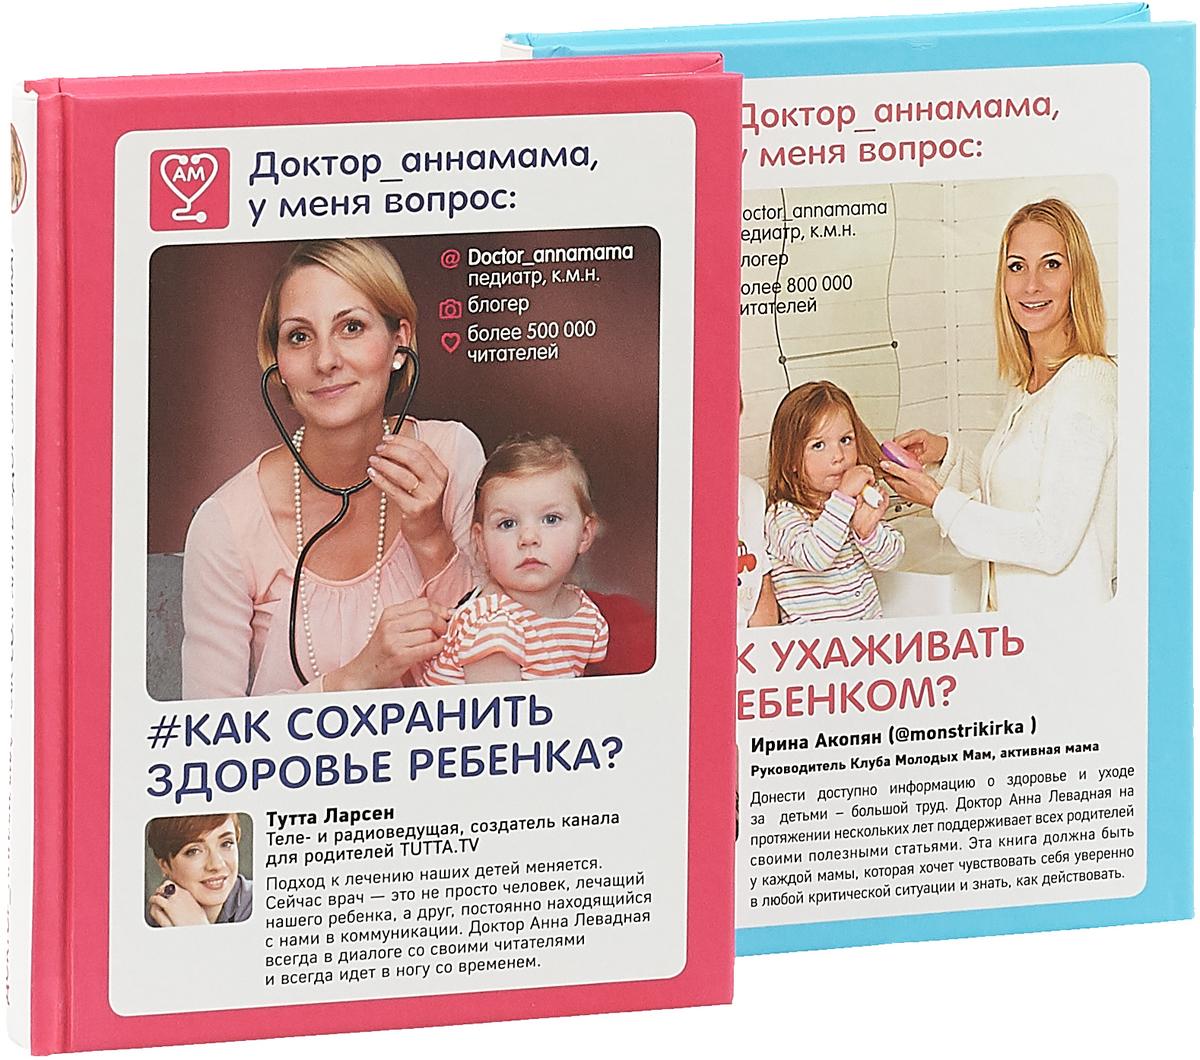 Книга Must have для родителей от Доктора_аннамама (комплект из 2 книг). Анна Левадная